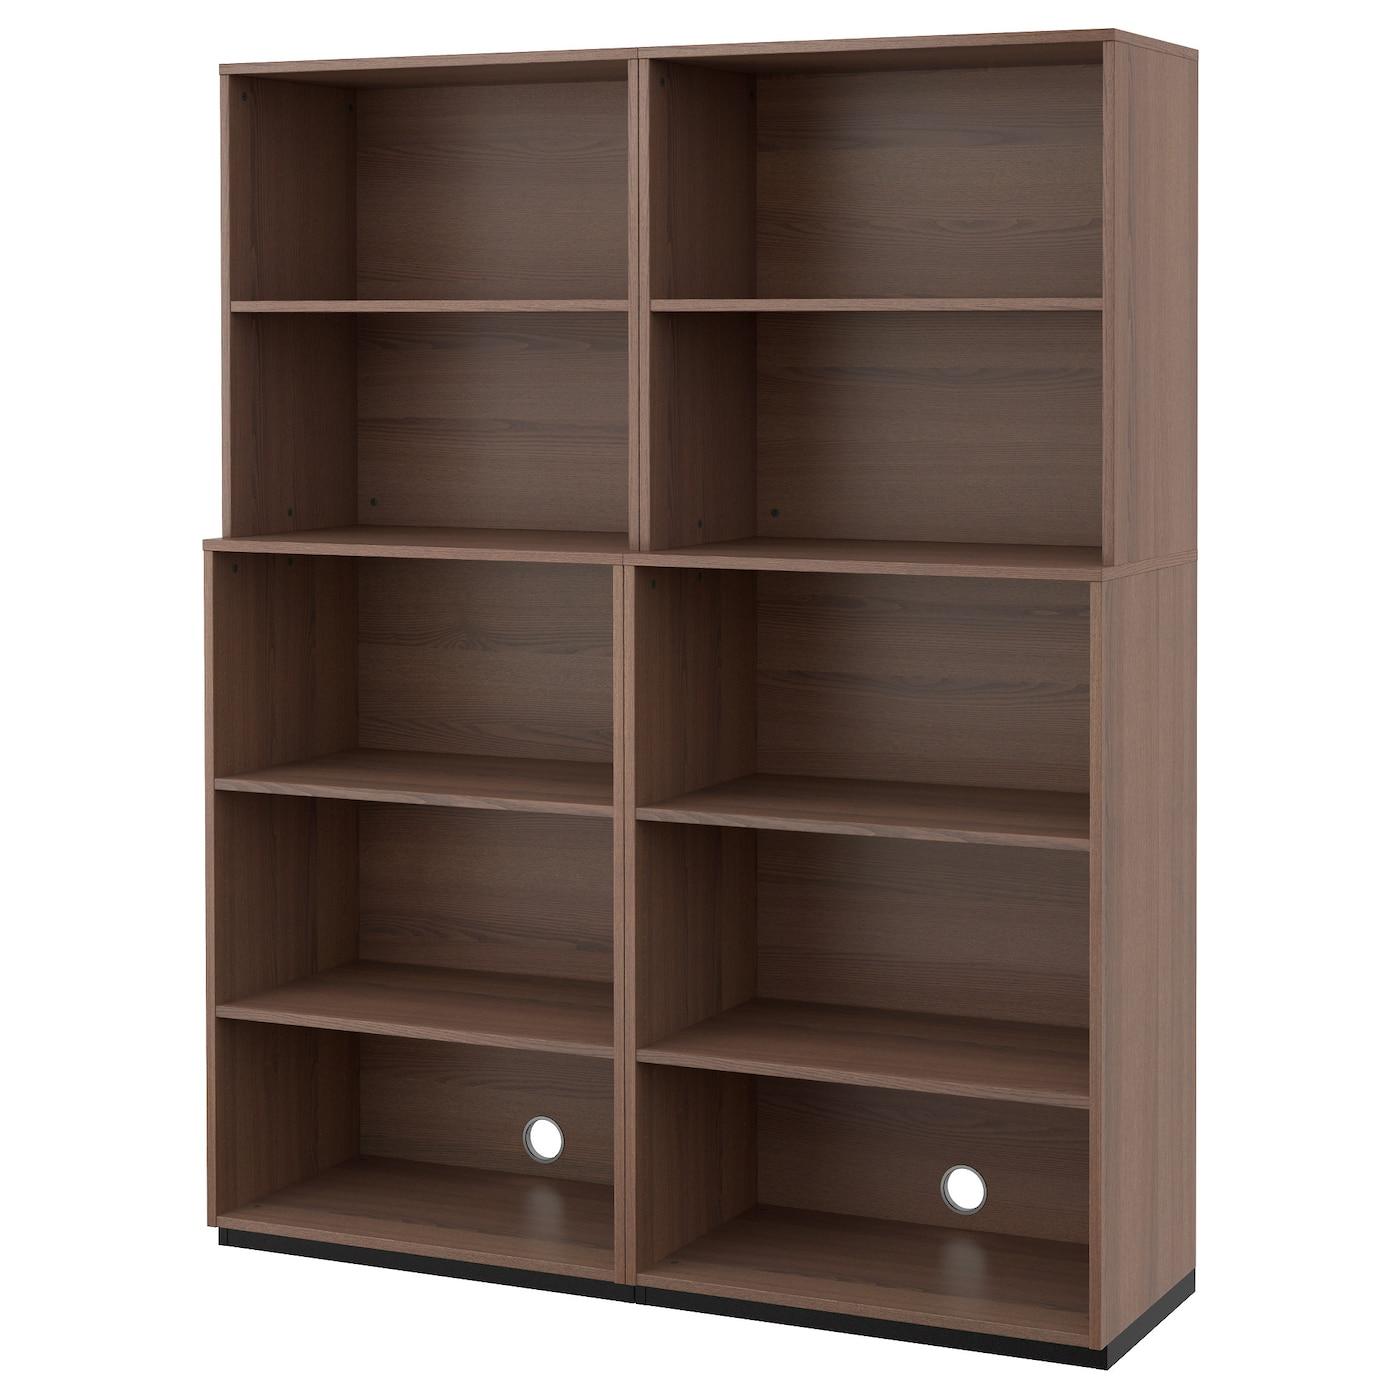 meuble galant ikea meuble rangement cuisine meilleur de classeur de rangement dcortonnant. Black Bedroom Furniture Sets. Home Design Ideas